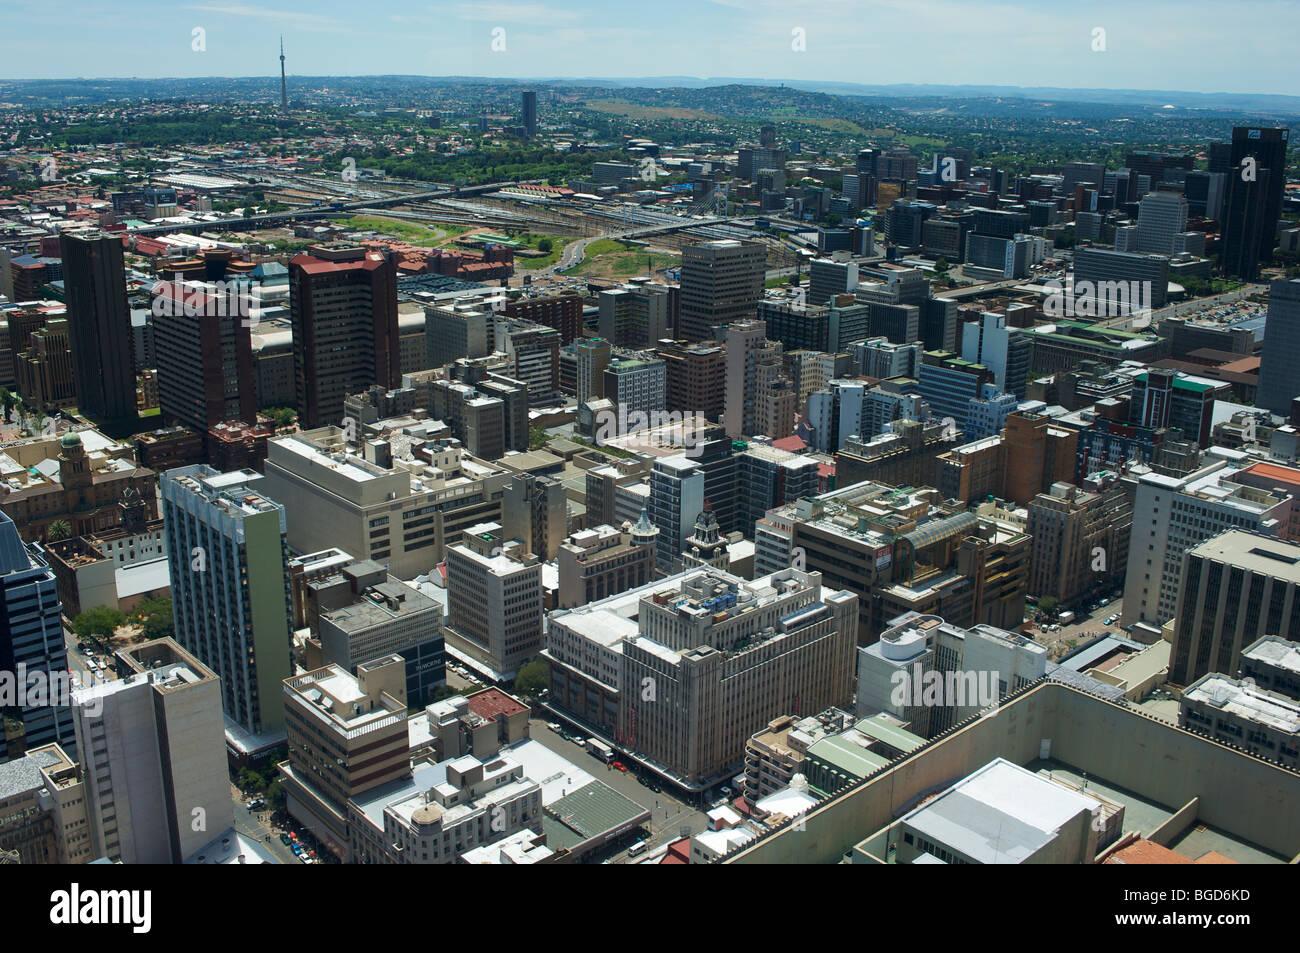 Vista nord-ovest dalla parte superiore del centro di Carlton, Johannesburg, Sud Africa, del centro di Johannesburg Immagini Stock